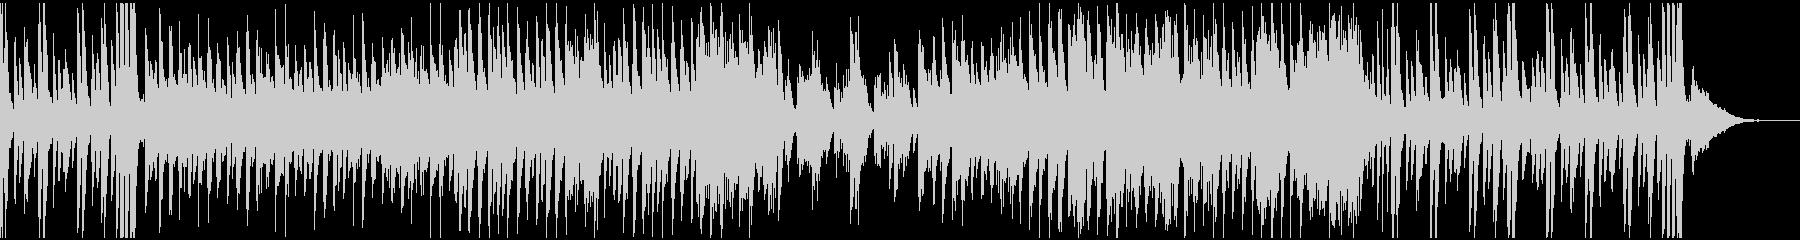 アップテンポでカッコいいピアノ曲の未再生の波形